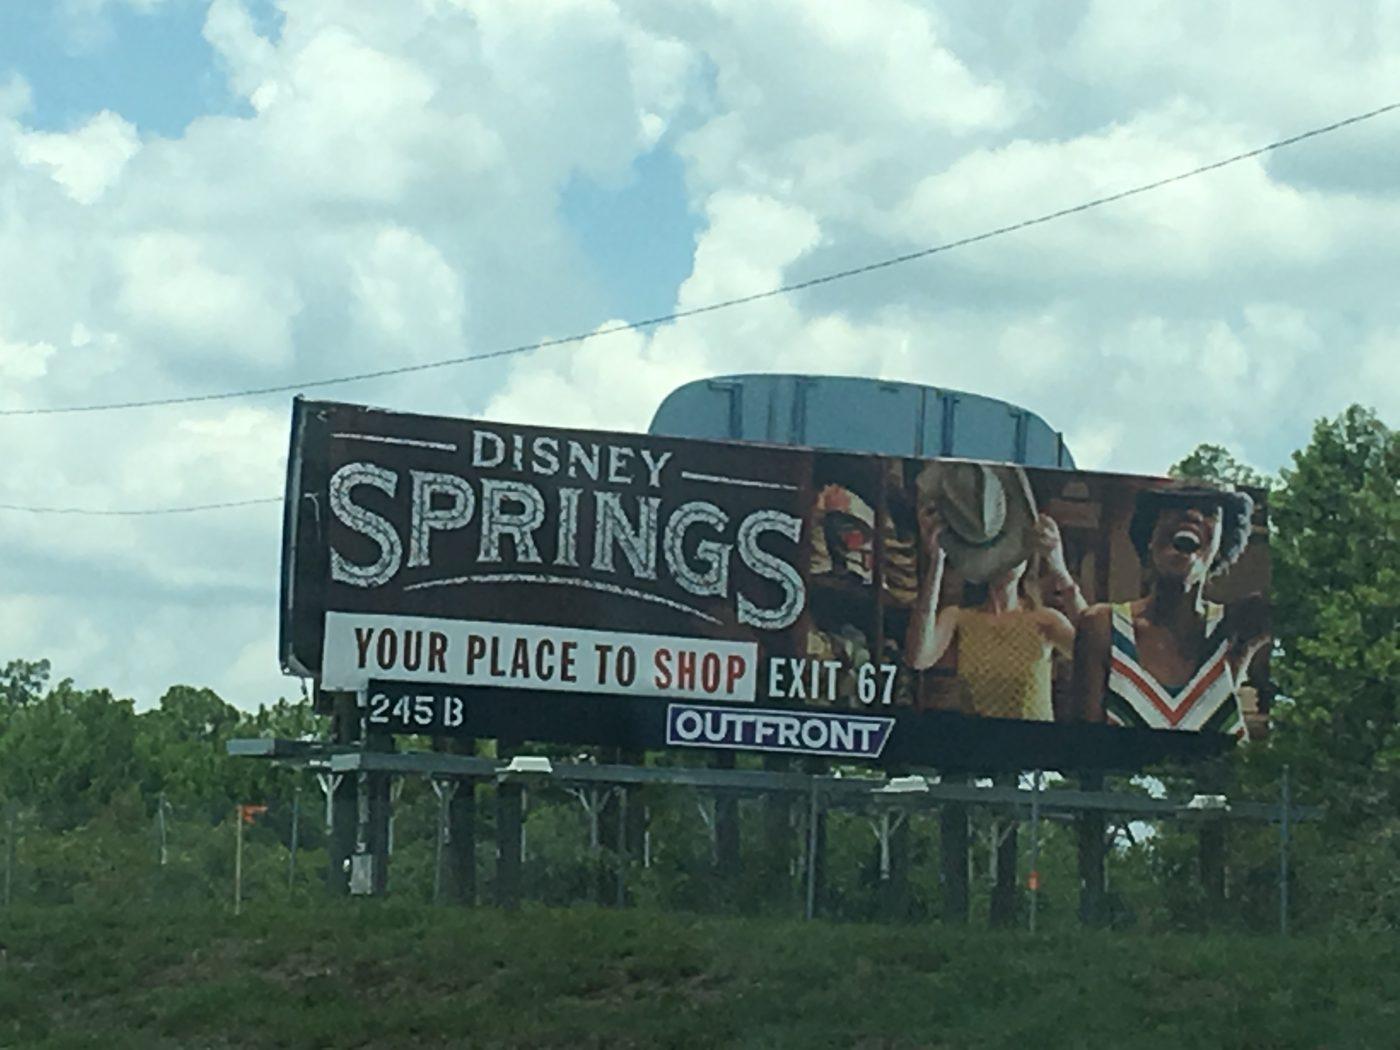 Disney Springs sign (credit: Windermere Sun-Susan Sun Nunamaker)